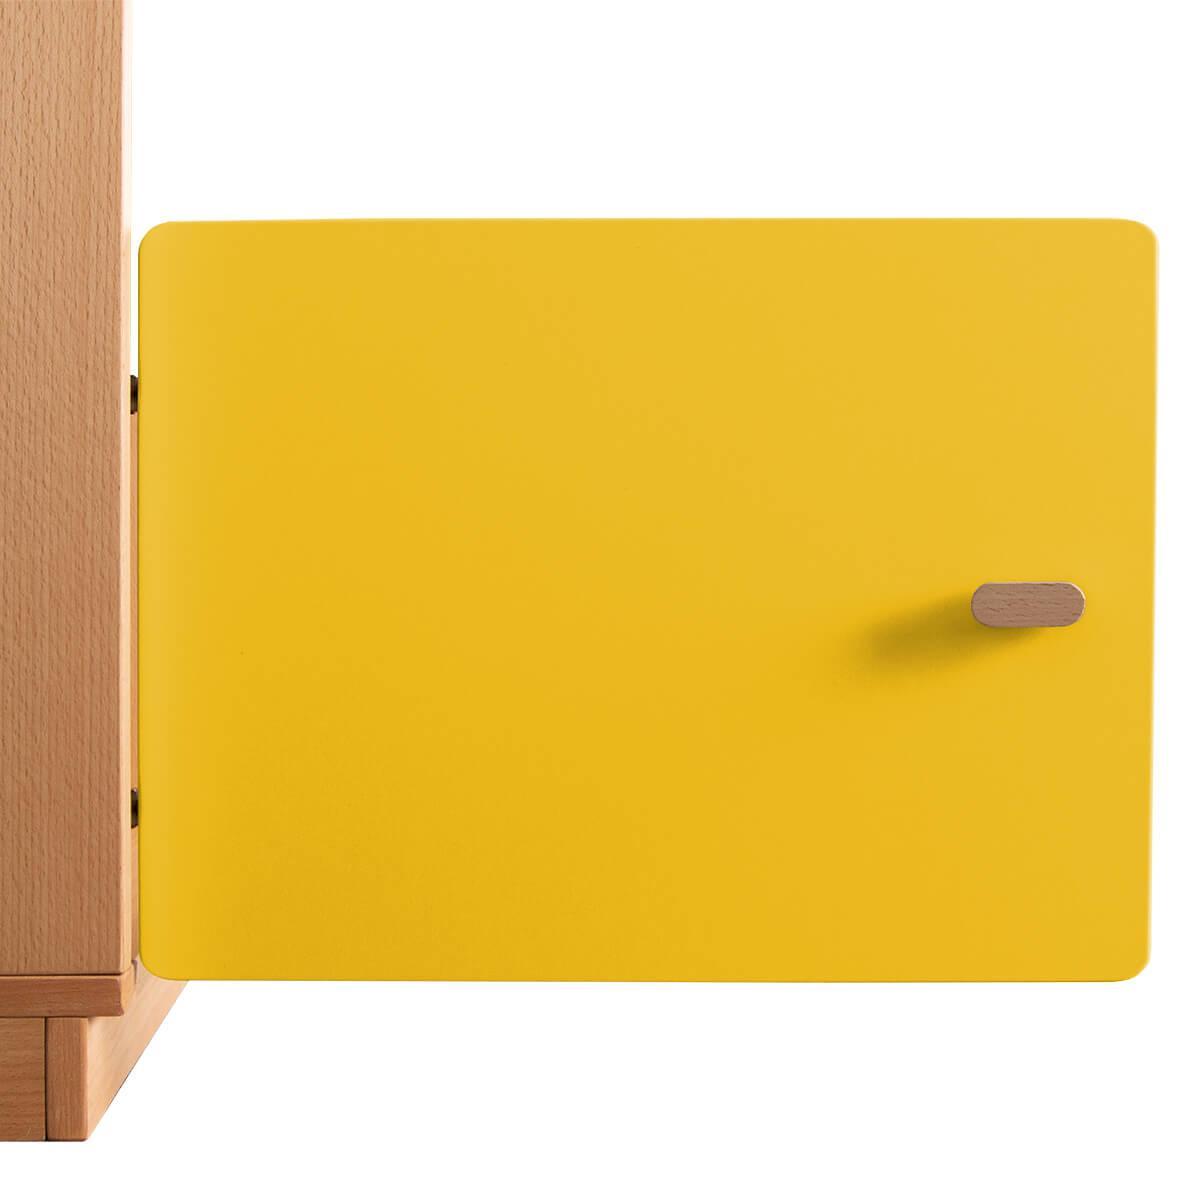 Schranktür 1/5 35cm-Griff DESTYLE de Breuyn MDF gelb-lackiert